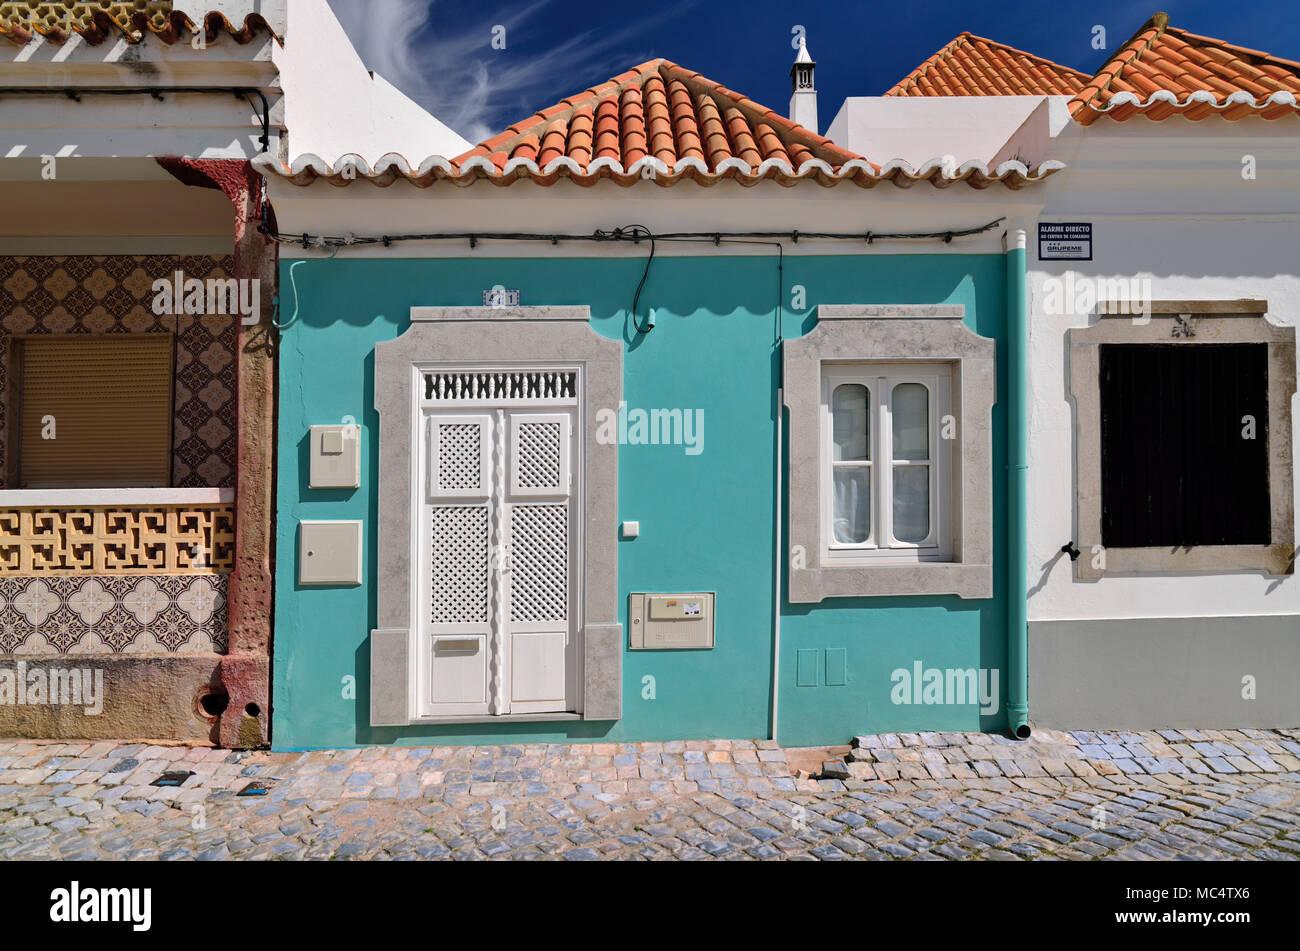 Encantadoras casas con arquitectura tradicional. Imagen De Stock